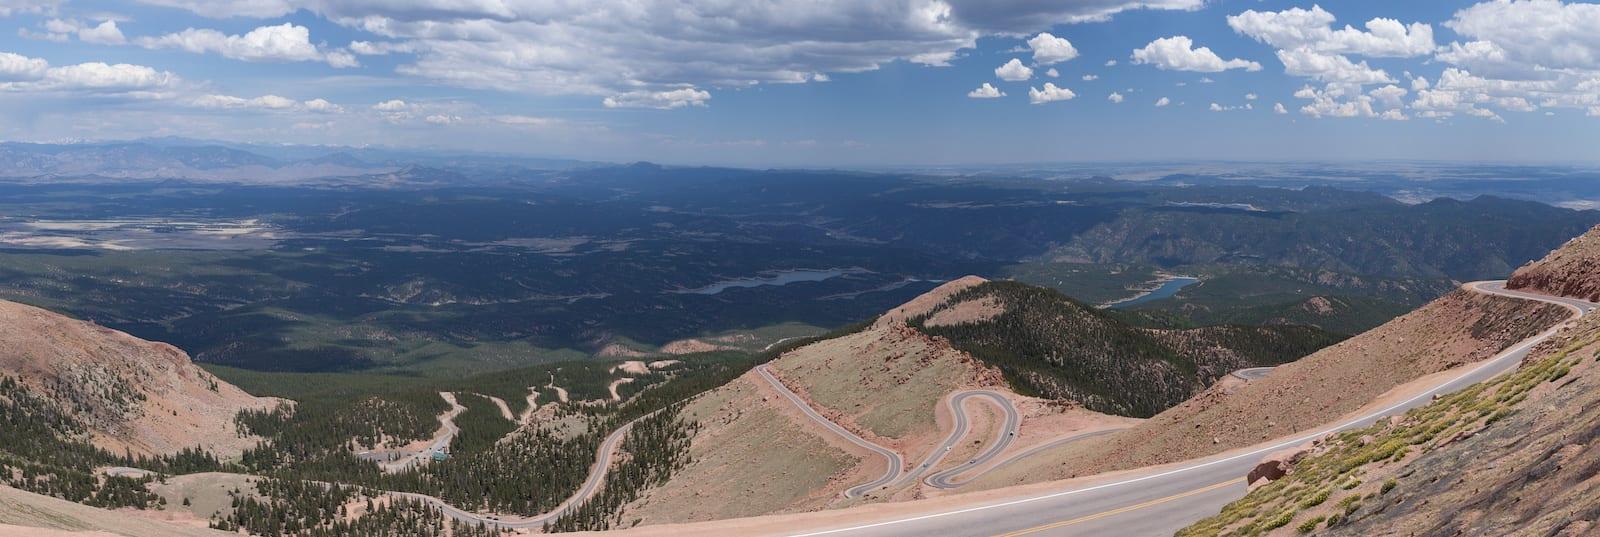 Panorama of Pikes Peak Highway Overlooking Colorado Springs